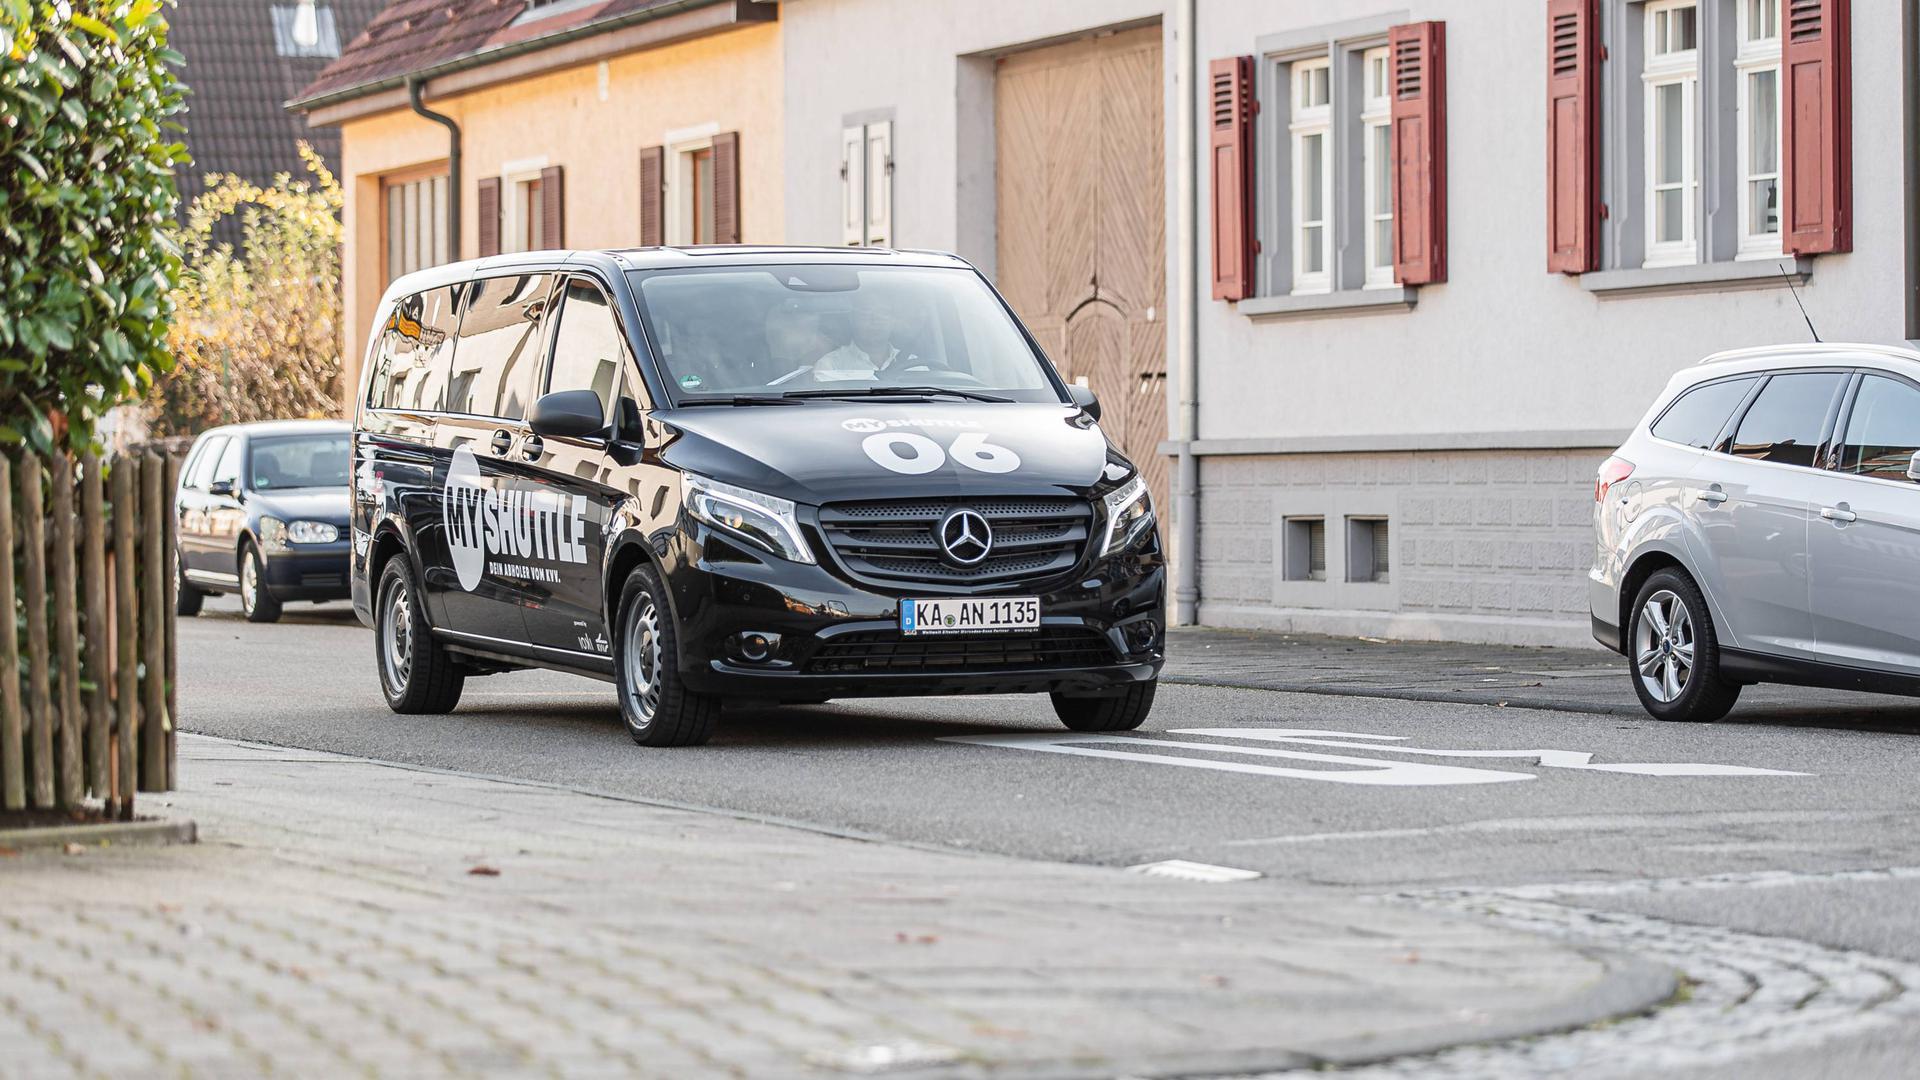 Kaum leere Sitze: Das MyShuttle fährt anders als der reguläre ÖPNV nur dann, wenn es auch gebraucht wird. Im Landkreis Karlsruhe sind bereits sieben Fahrzeuge in mehreren Kommunen im Einsatz.